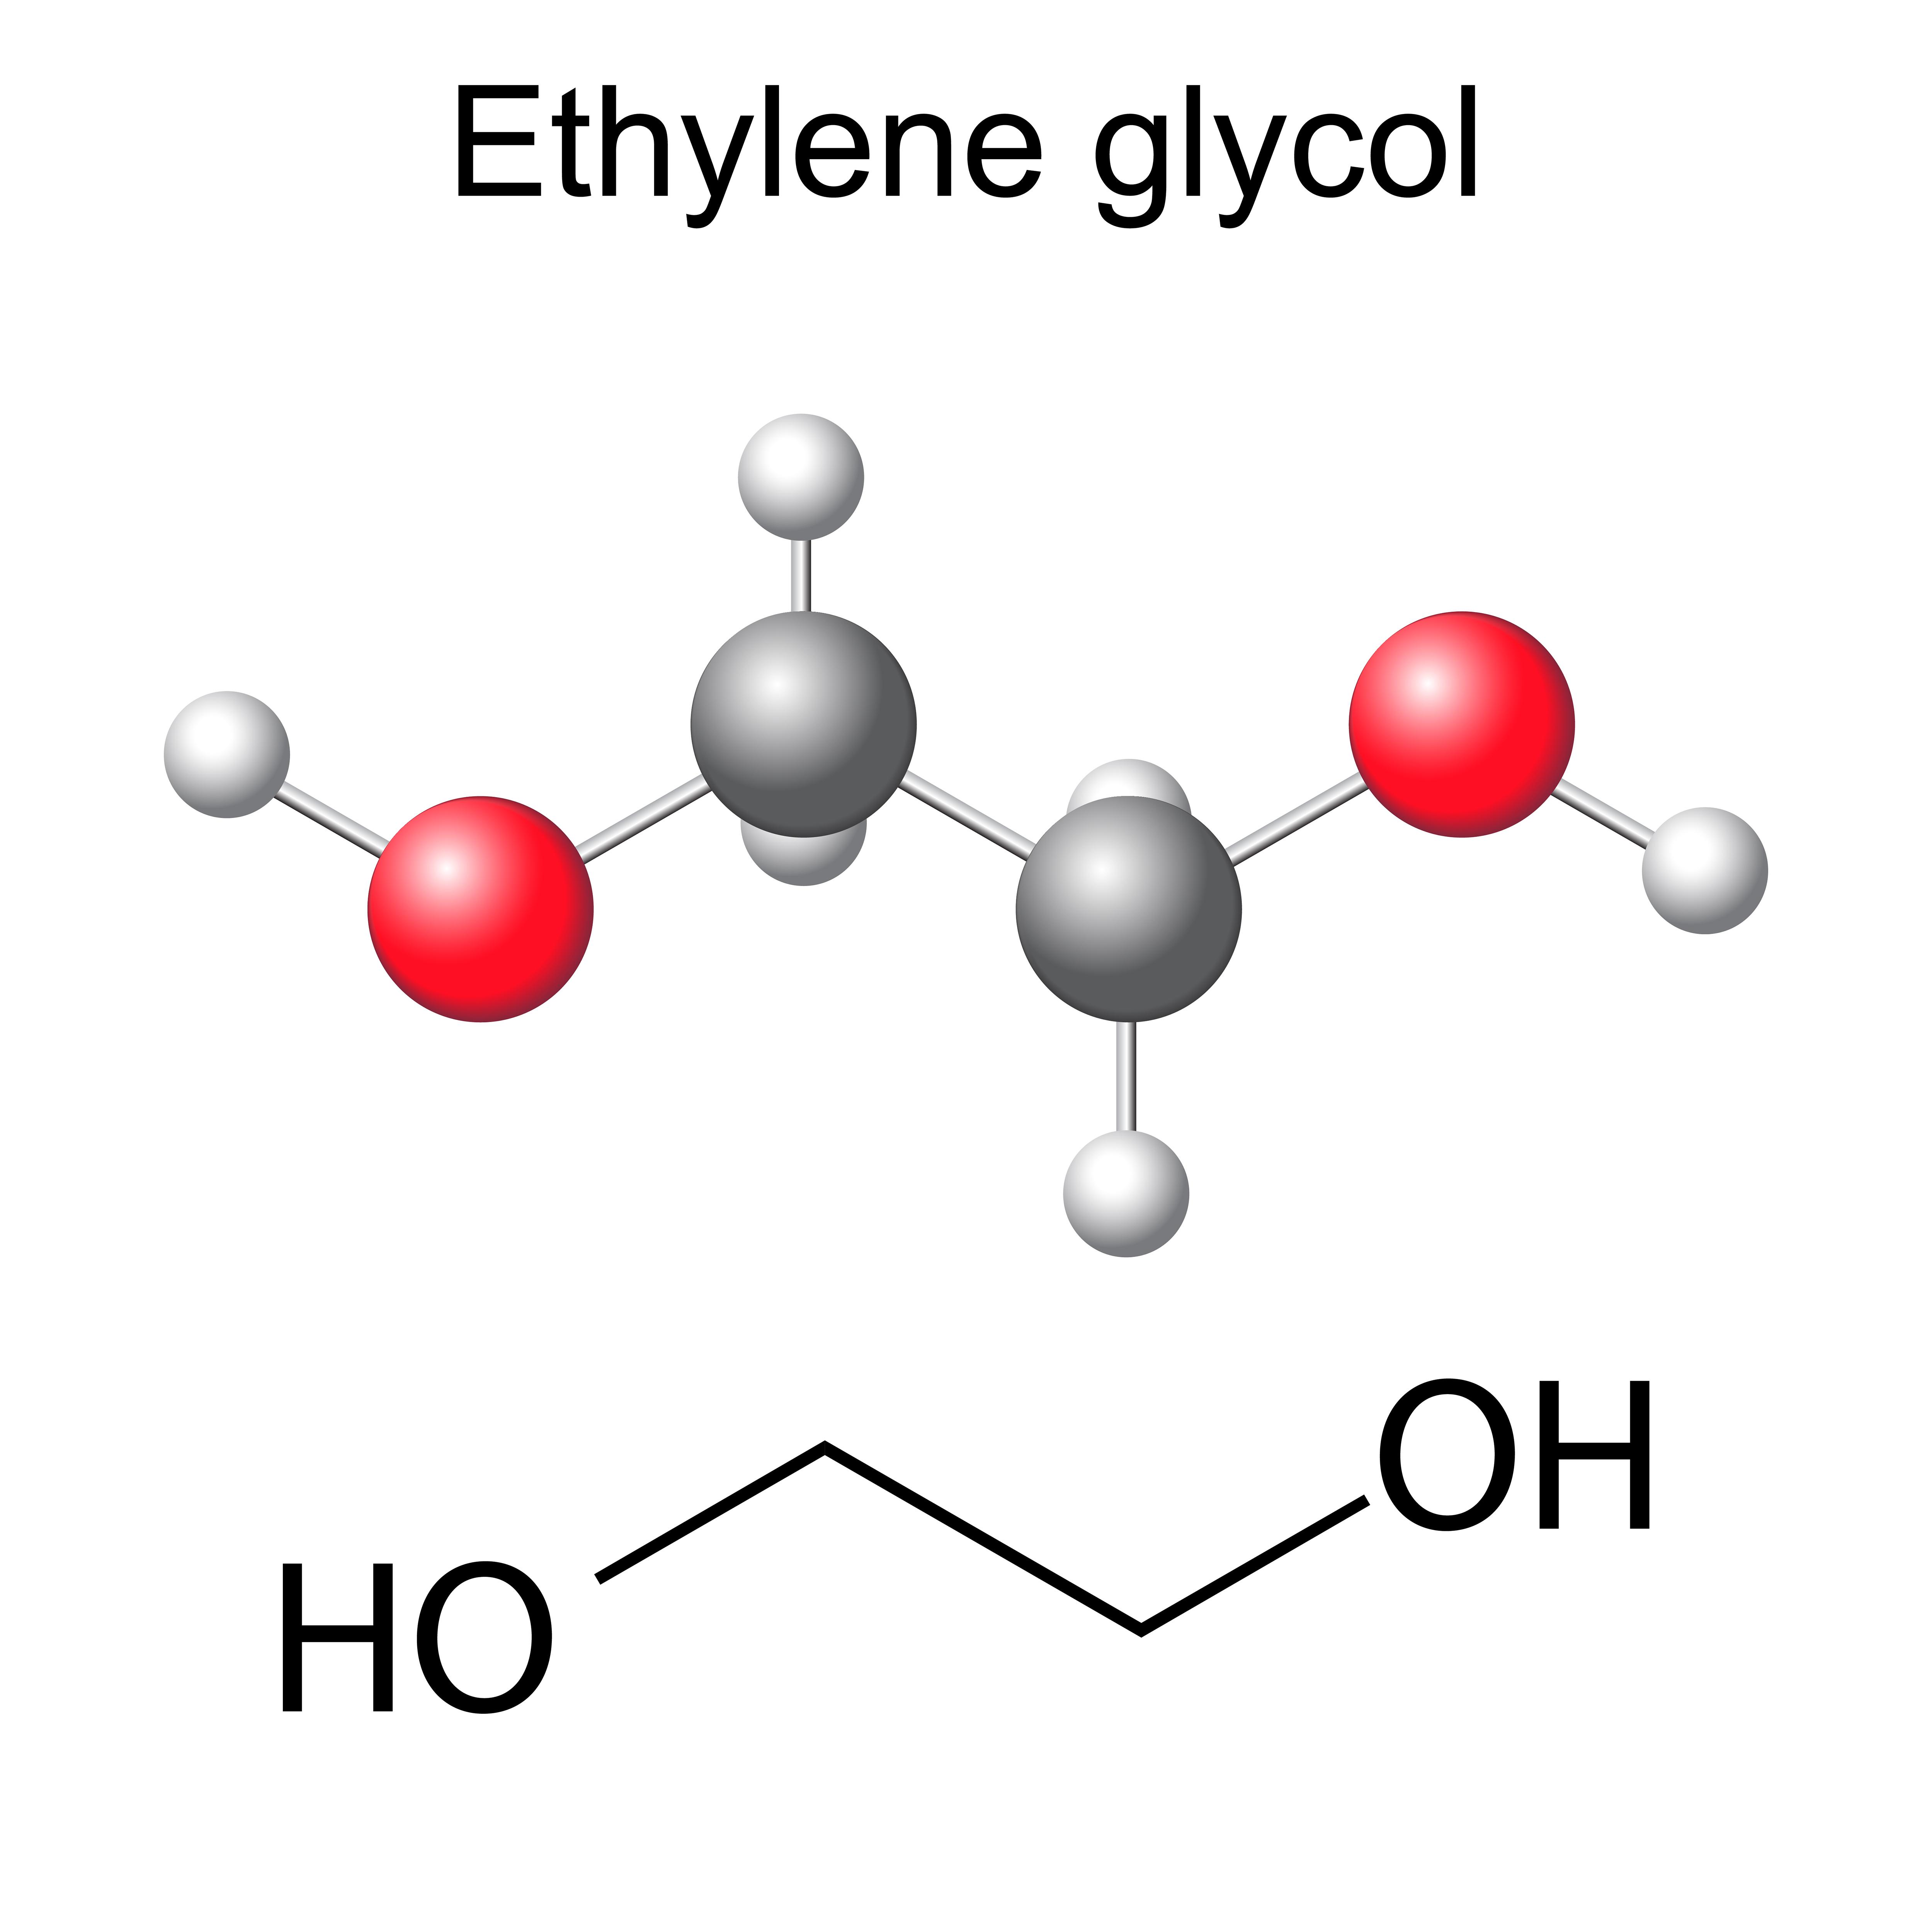 етилен гликол